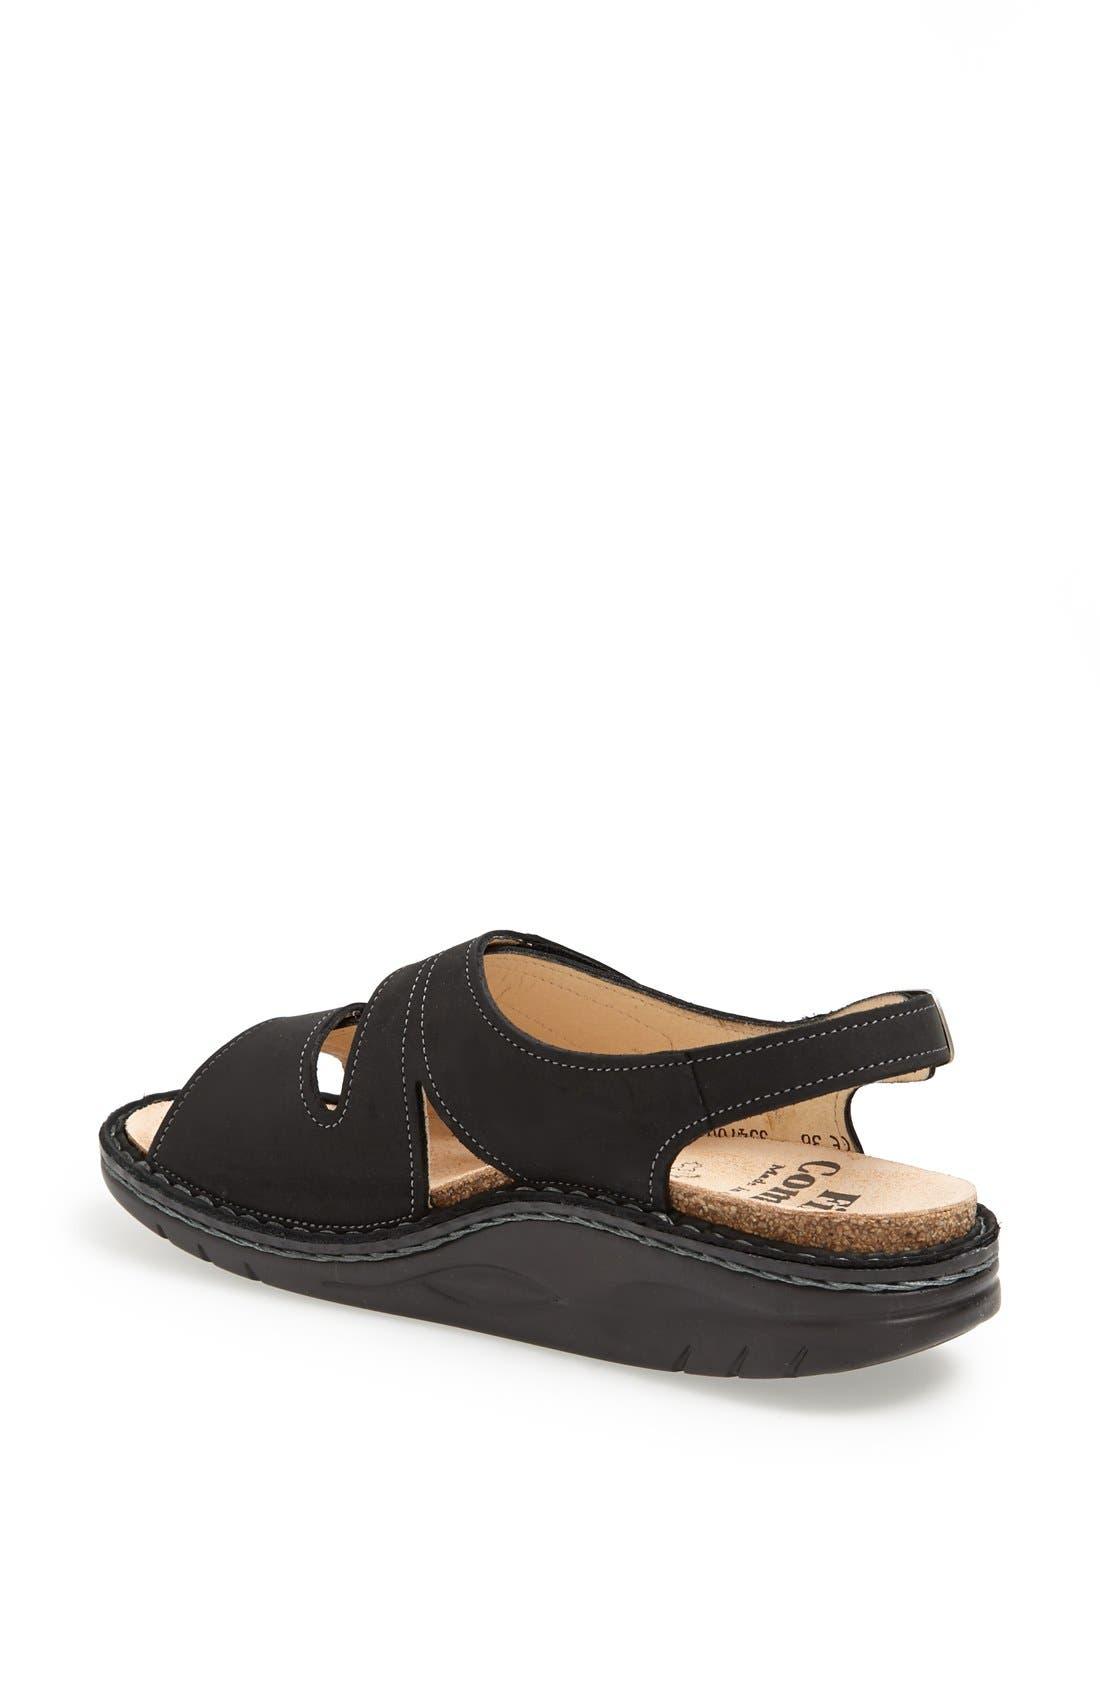 Alternate Image 2  - Finn Comfort 'Sparks' Sandal